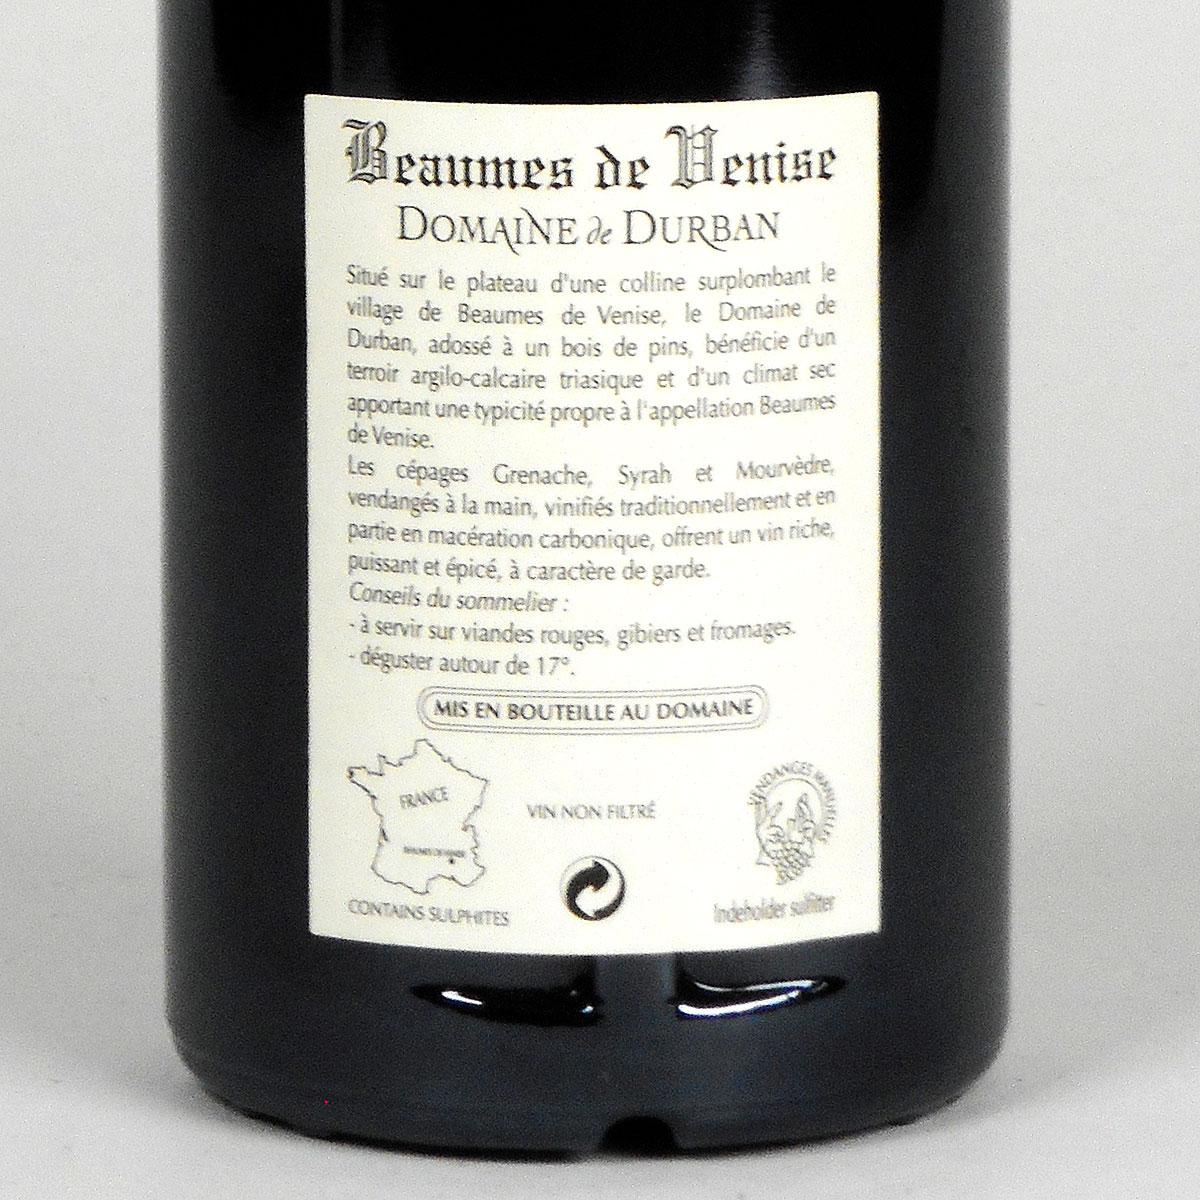 Beaumes de Venise: Domaine de Durban 'Vielles Vignes' 2018 - Bottle Rear Label